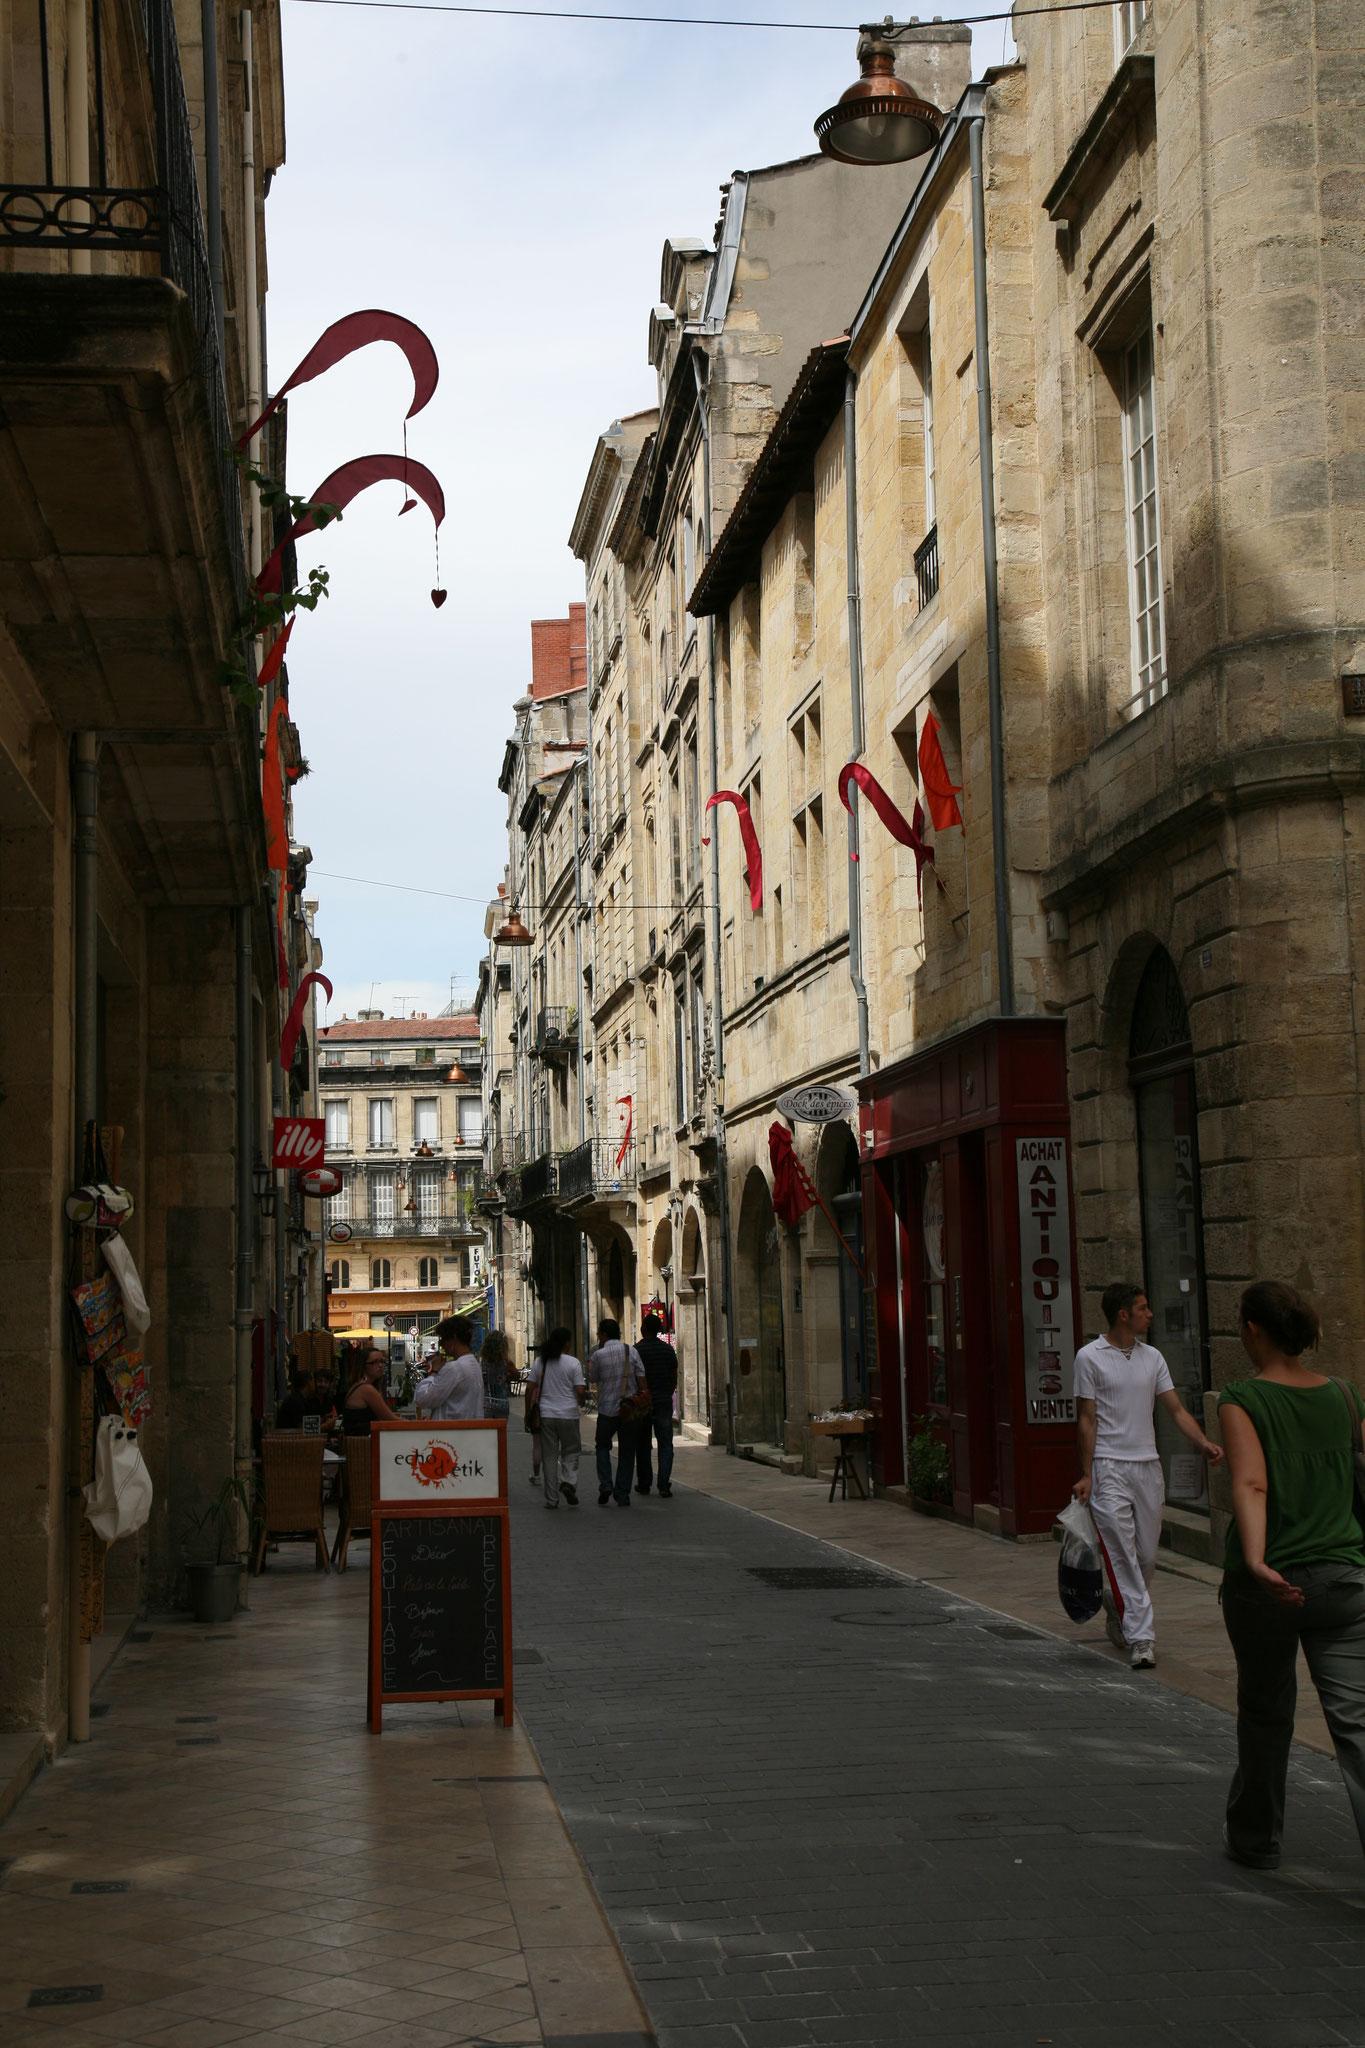 Rue dans le vieux Bordeaux